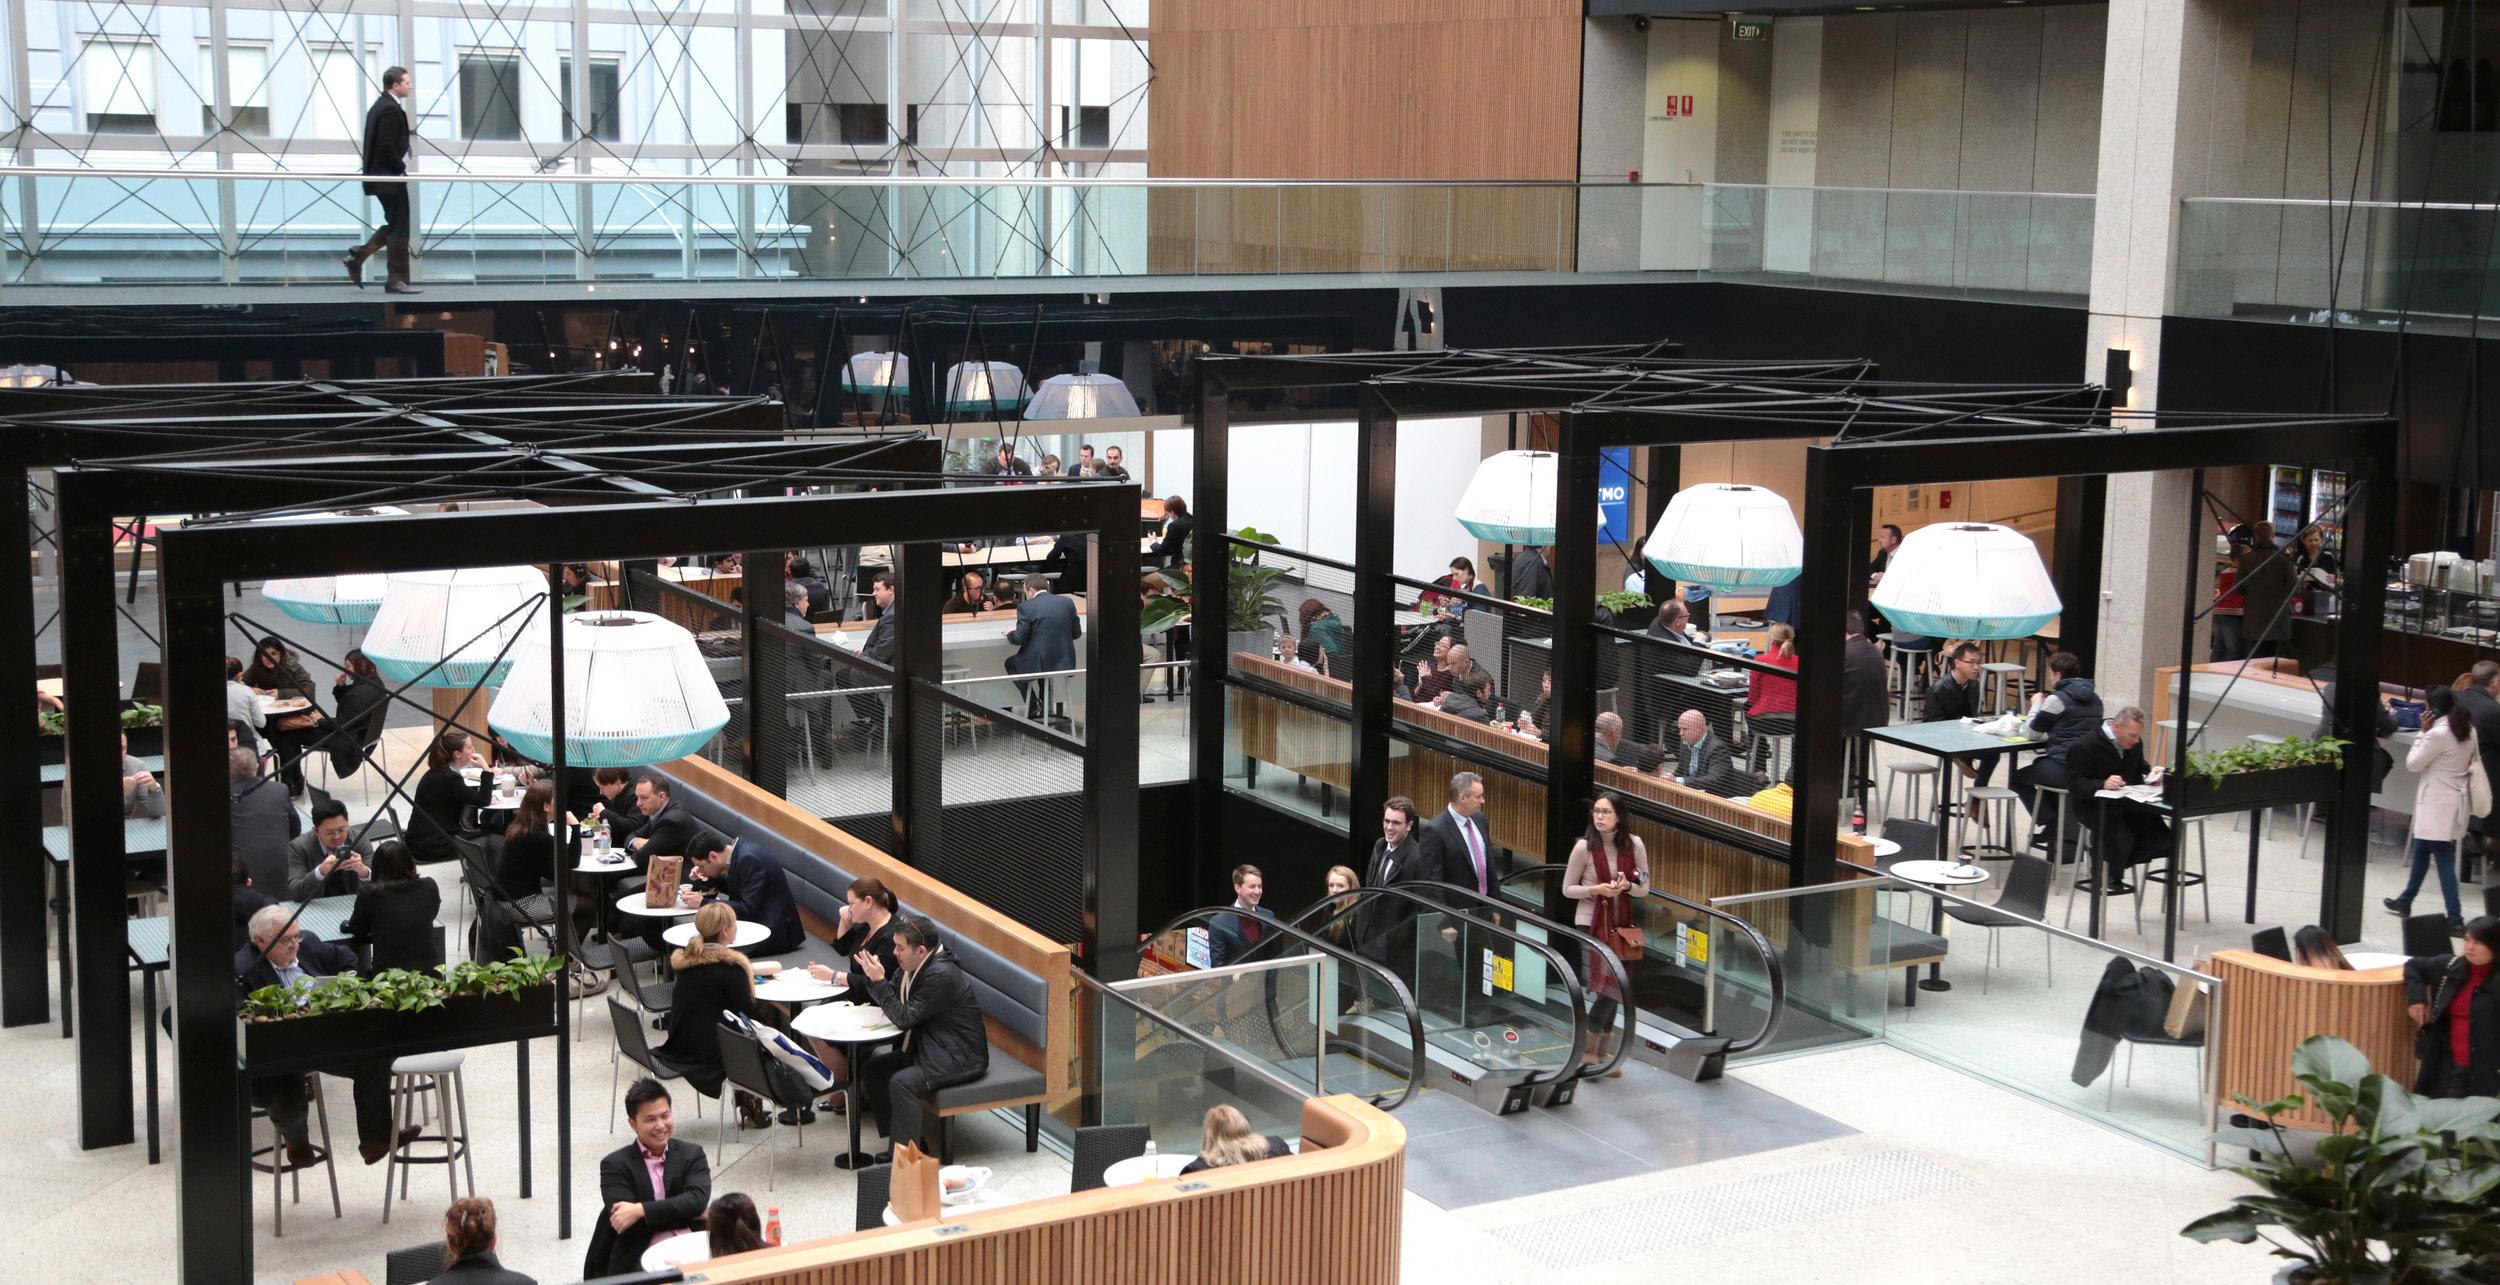 Galleria redevelopment 2016. 1.jpg